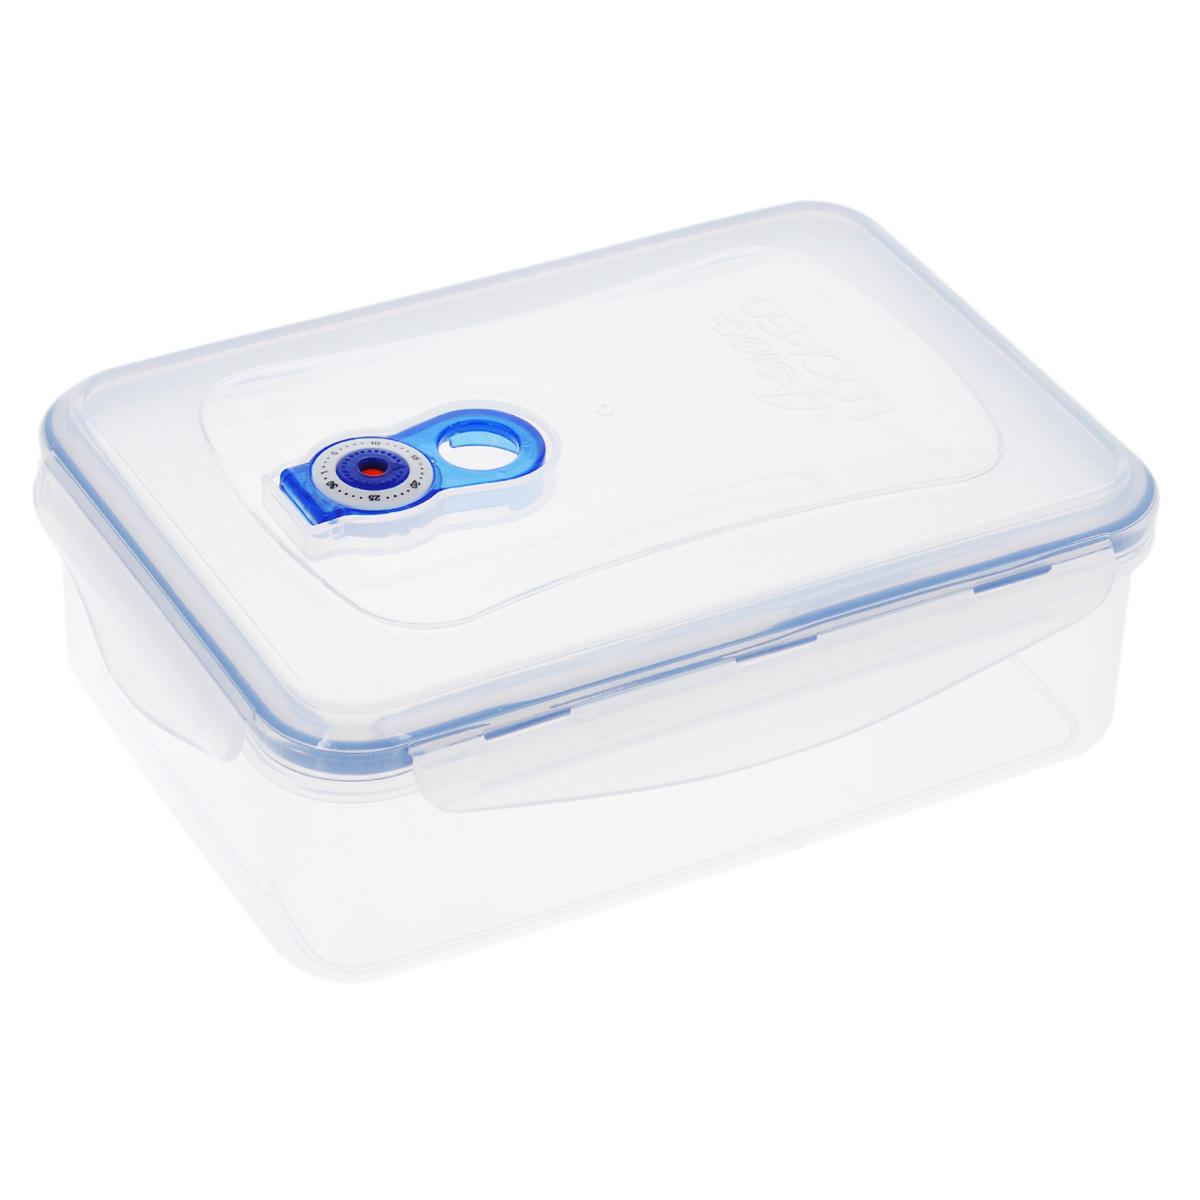 Контейнер вакуумный для пищевых продуктов Bohmann, 1,65 л